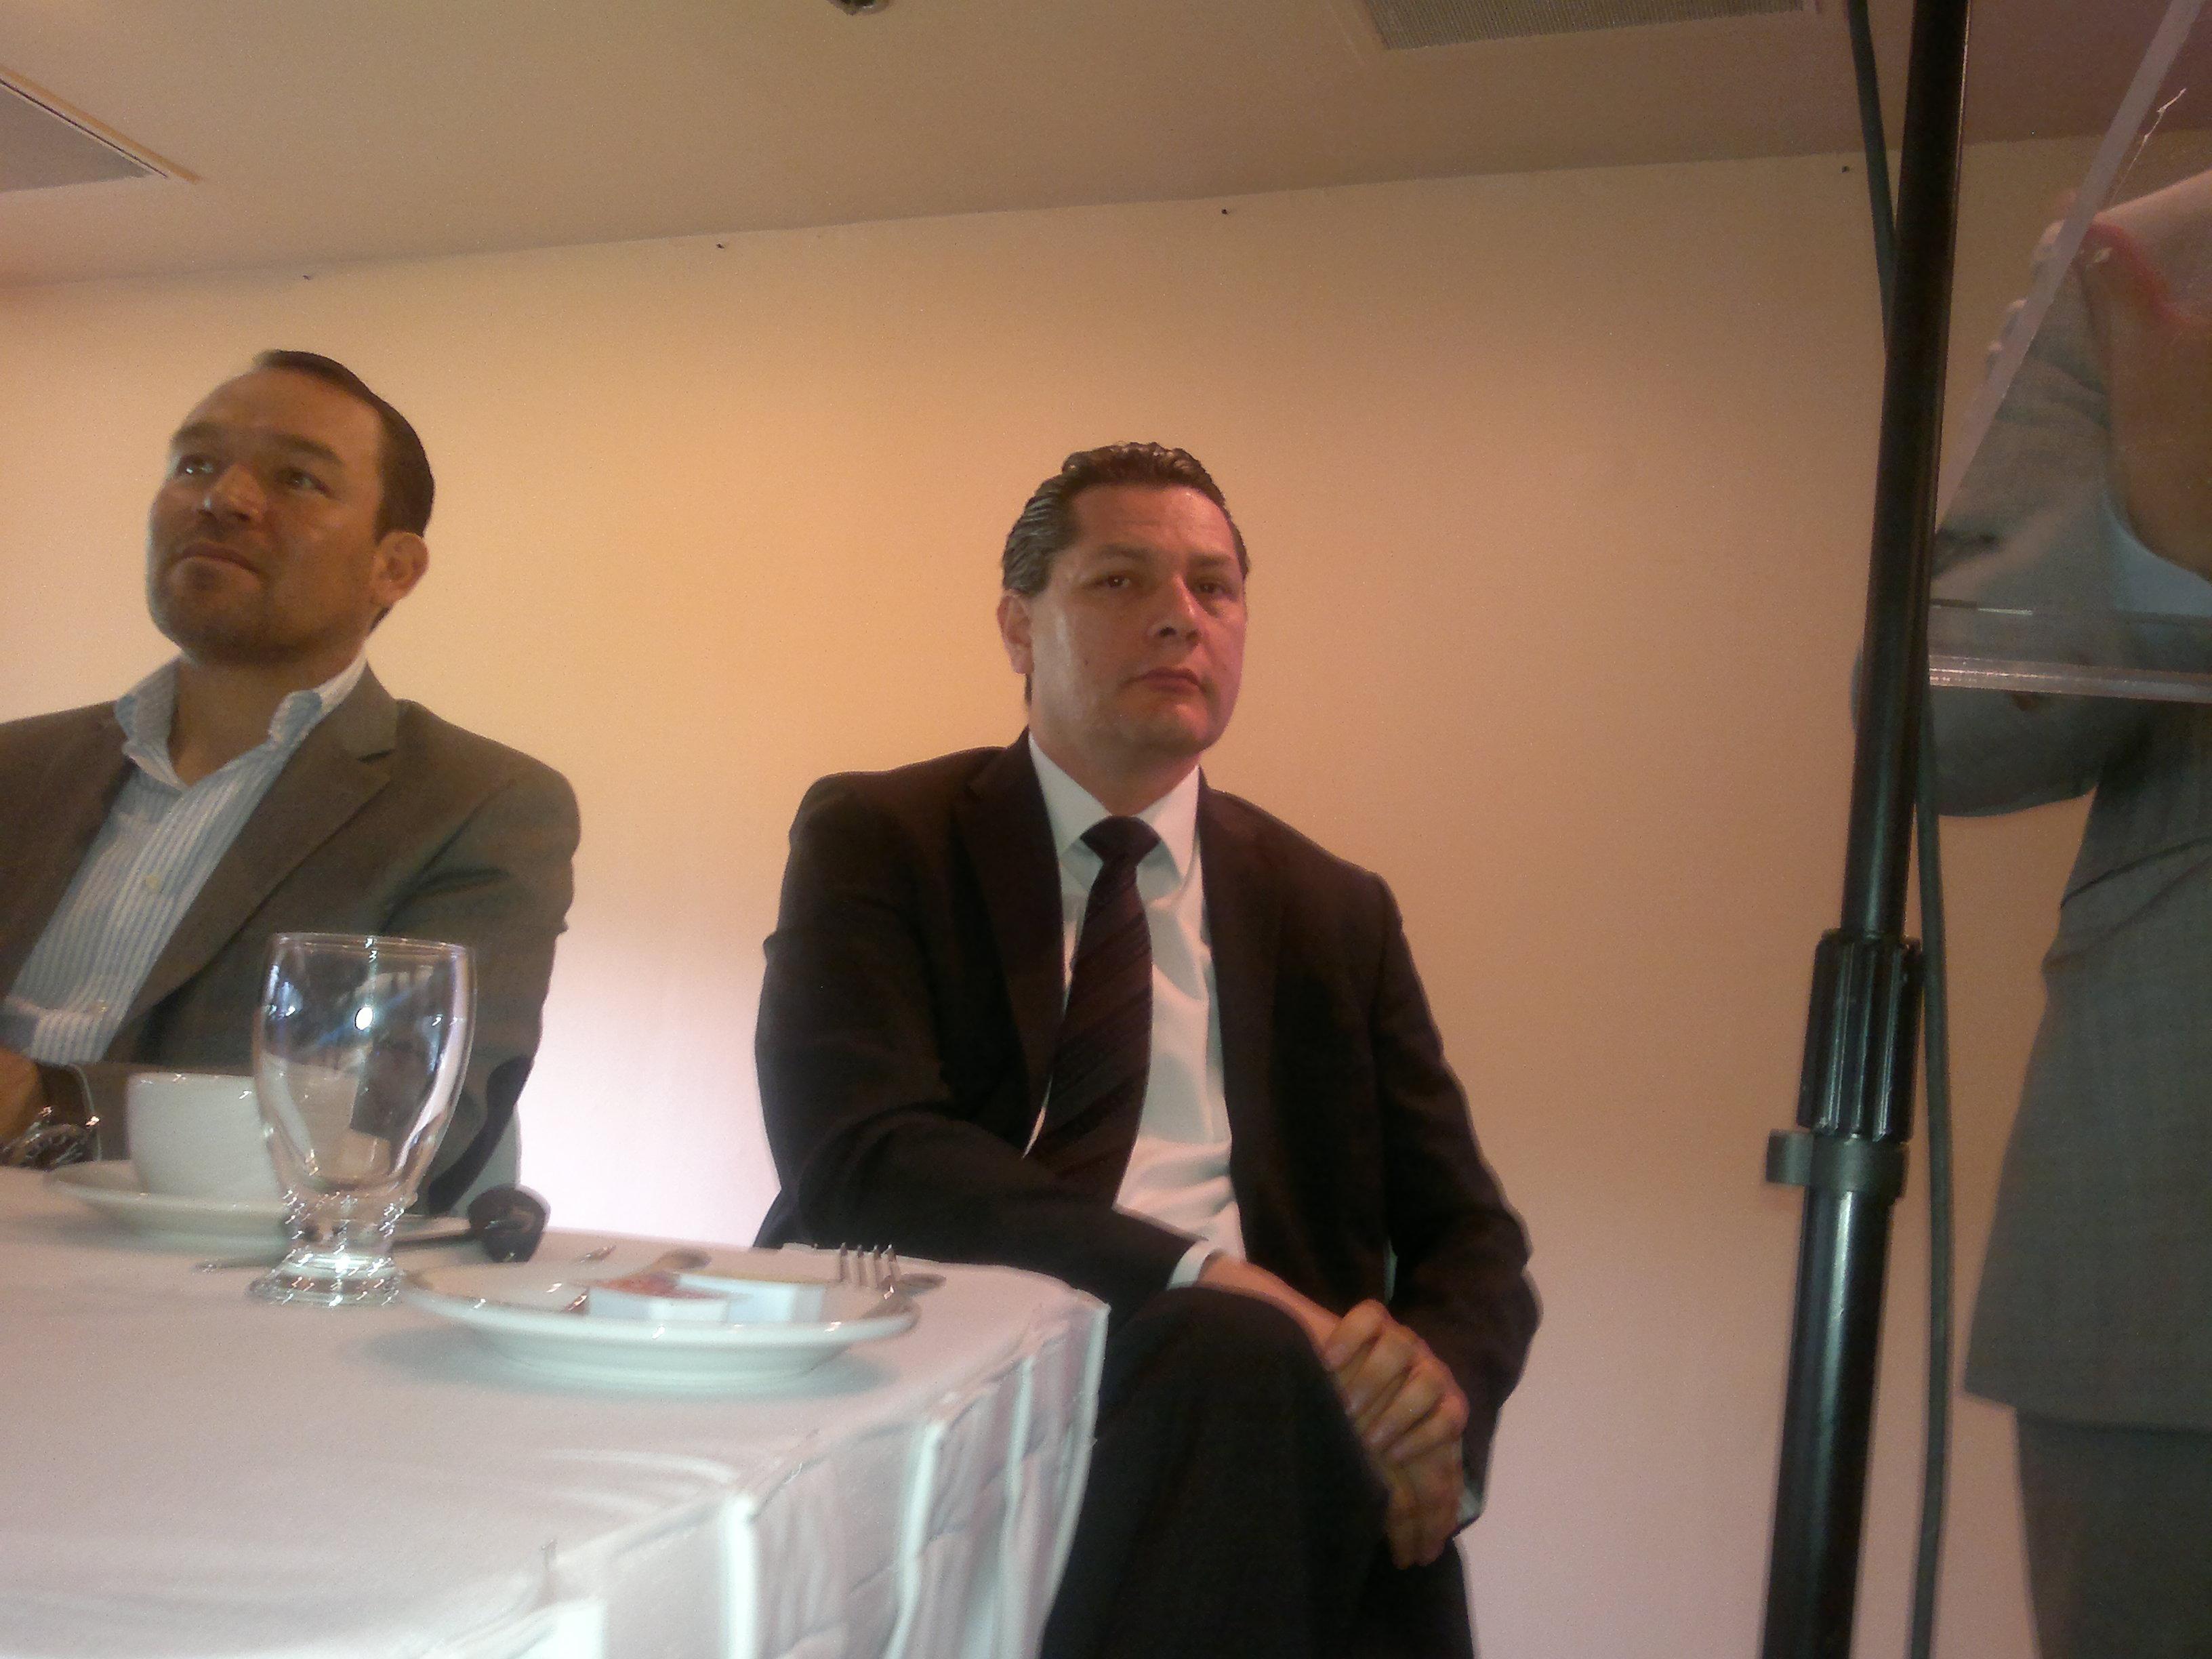 Llegan empresas a Tijuana para ofrecer Evasión  fiscal a través de sindicatos: Adolfo Solís Farias